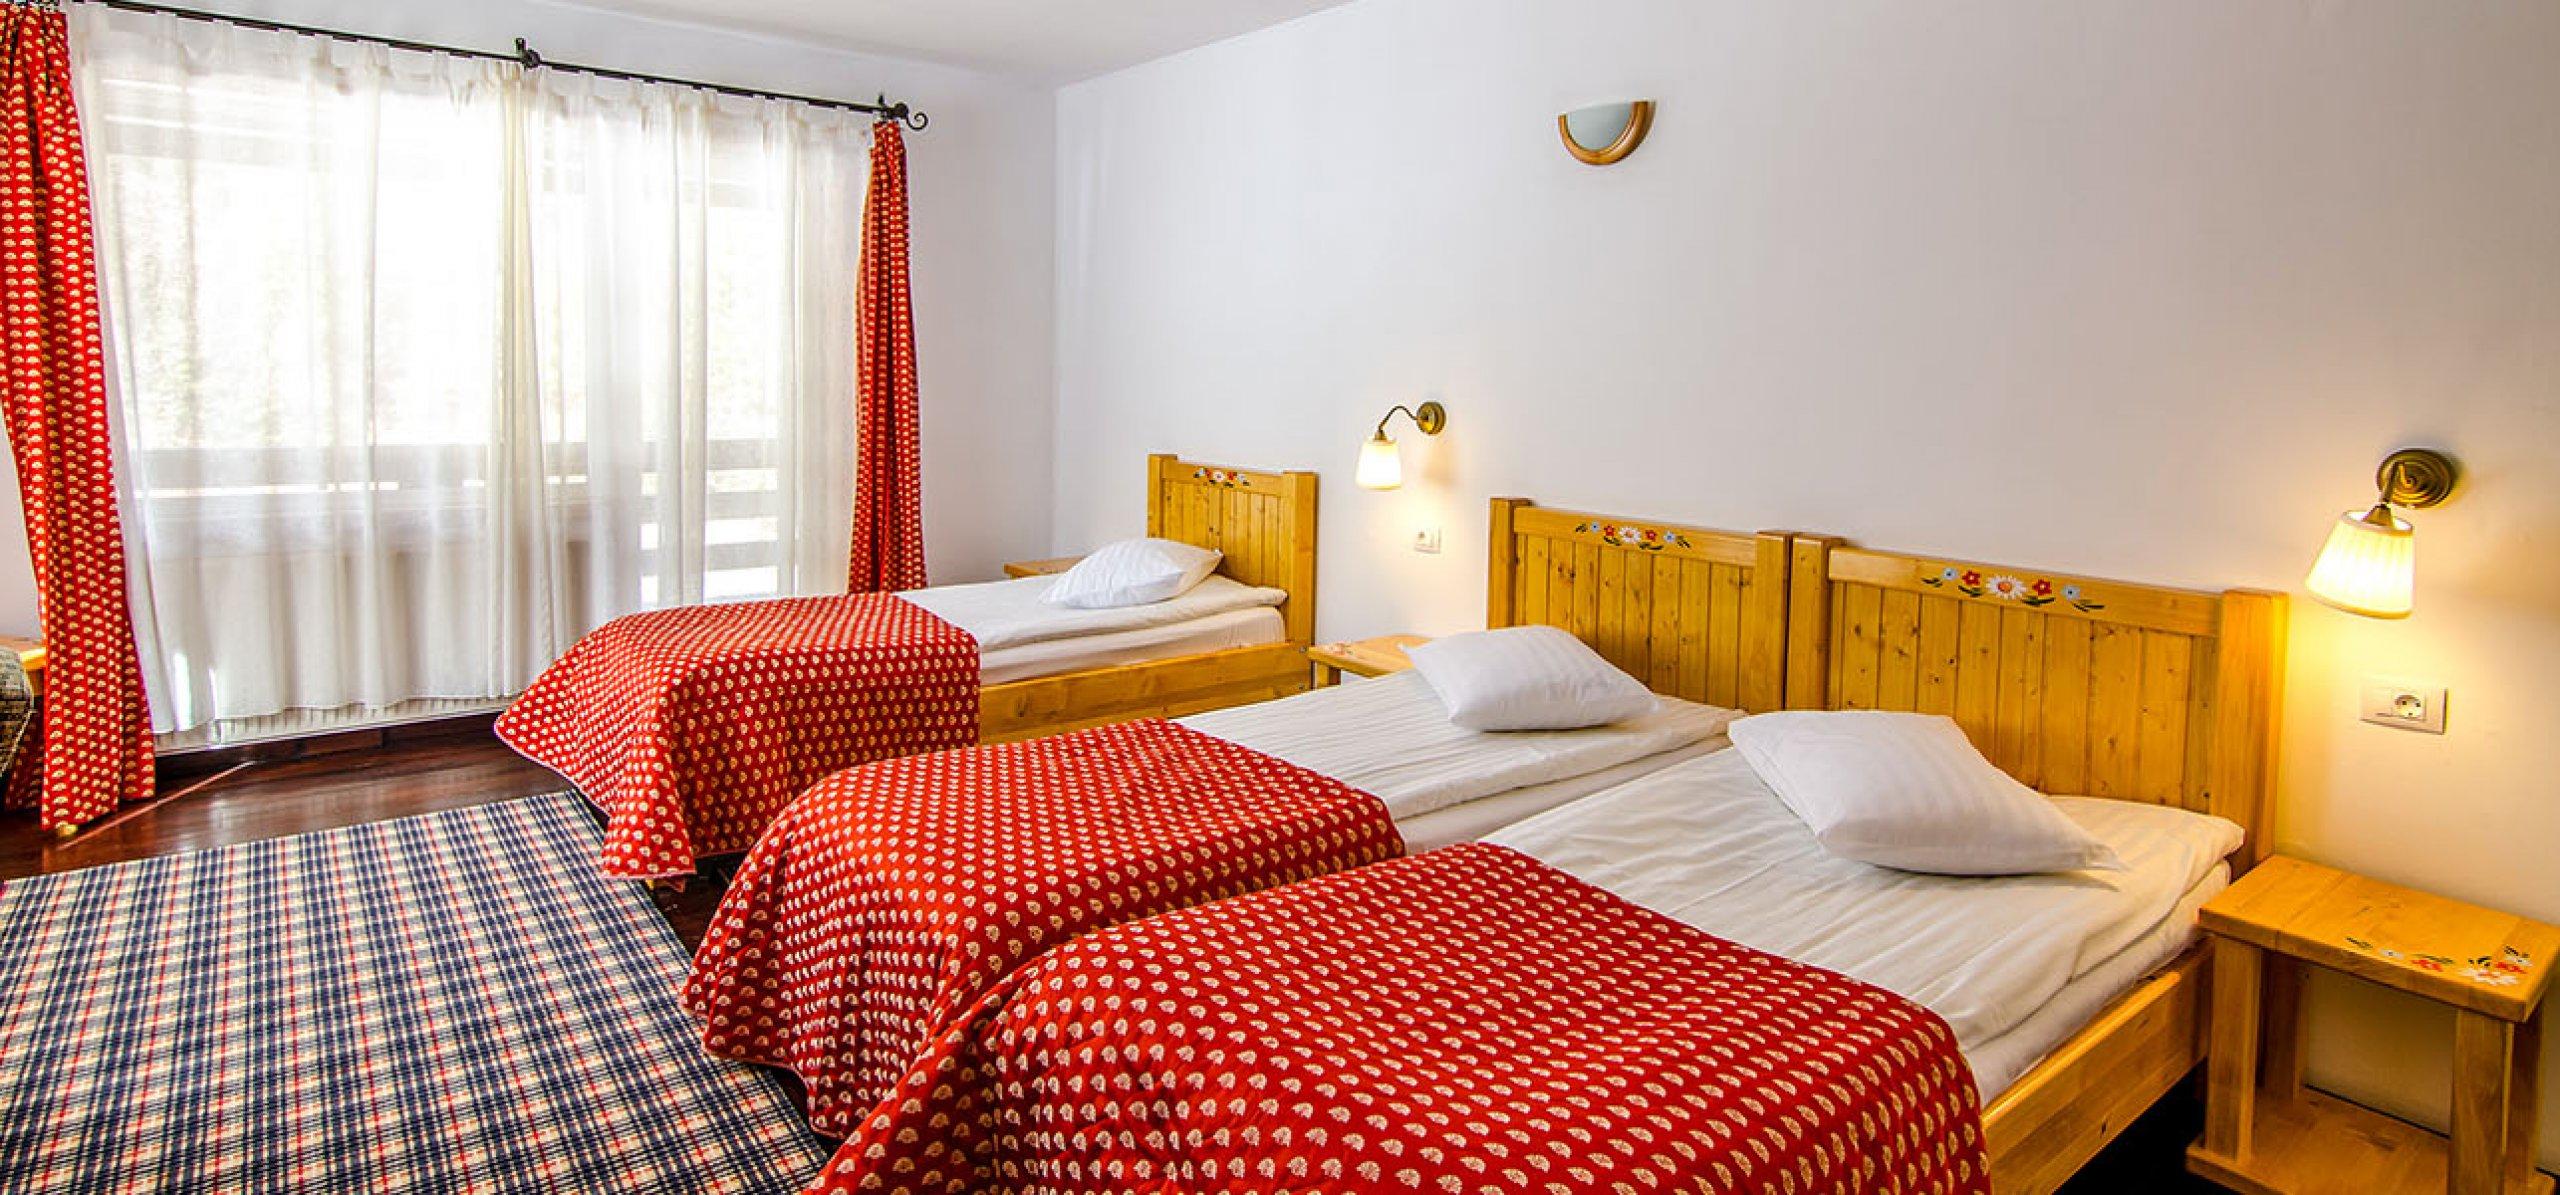 camera-tripla-hotel-cheia-hoteluri-moeciu-1